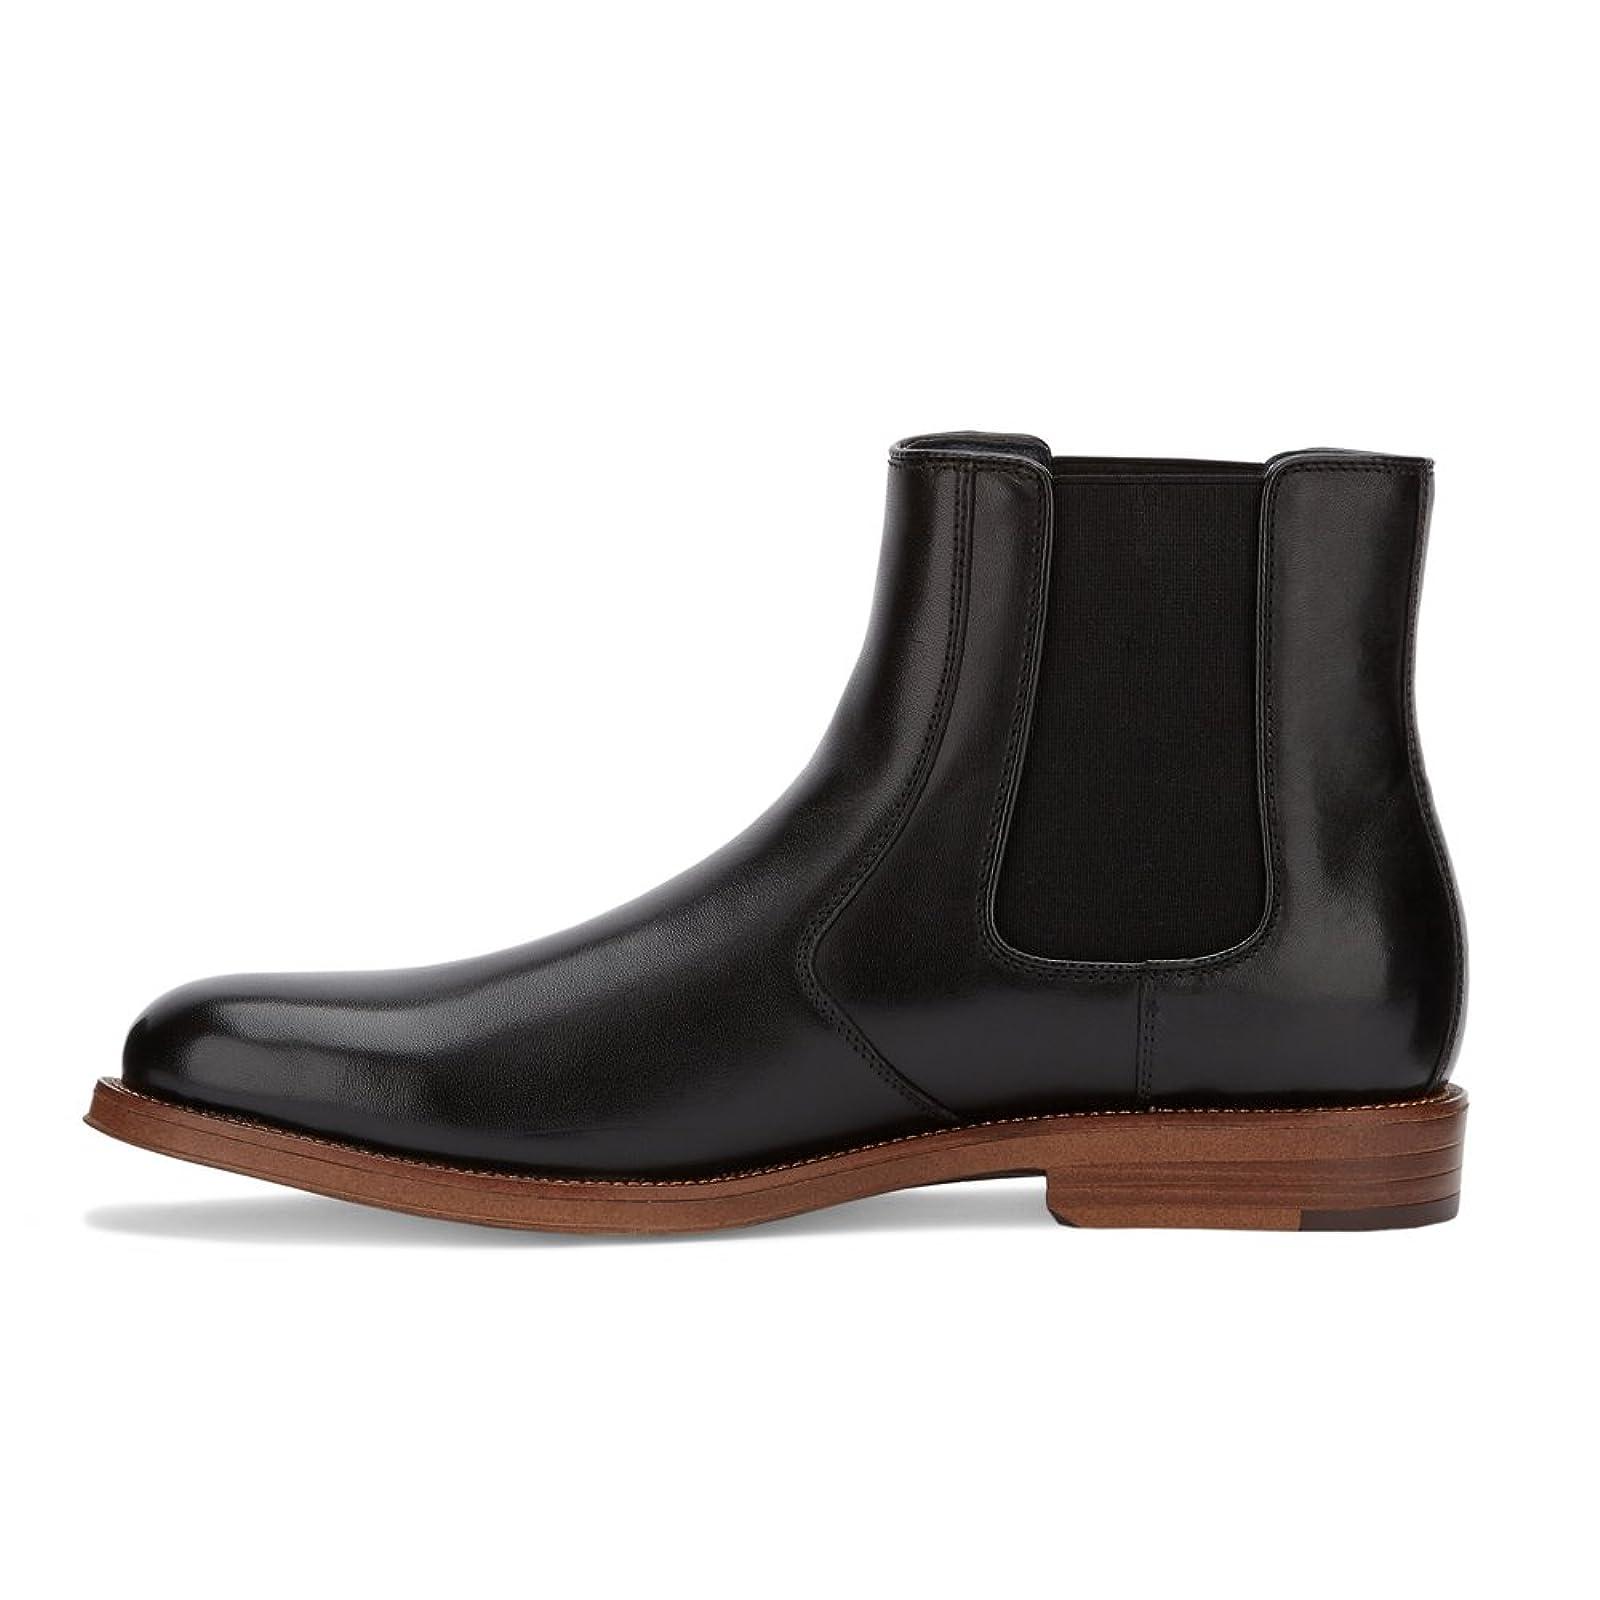 Dockers Men's Ashford Chelsea Boot Black - 5